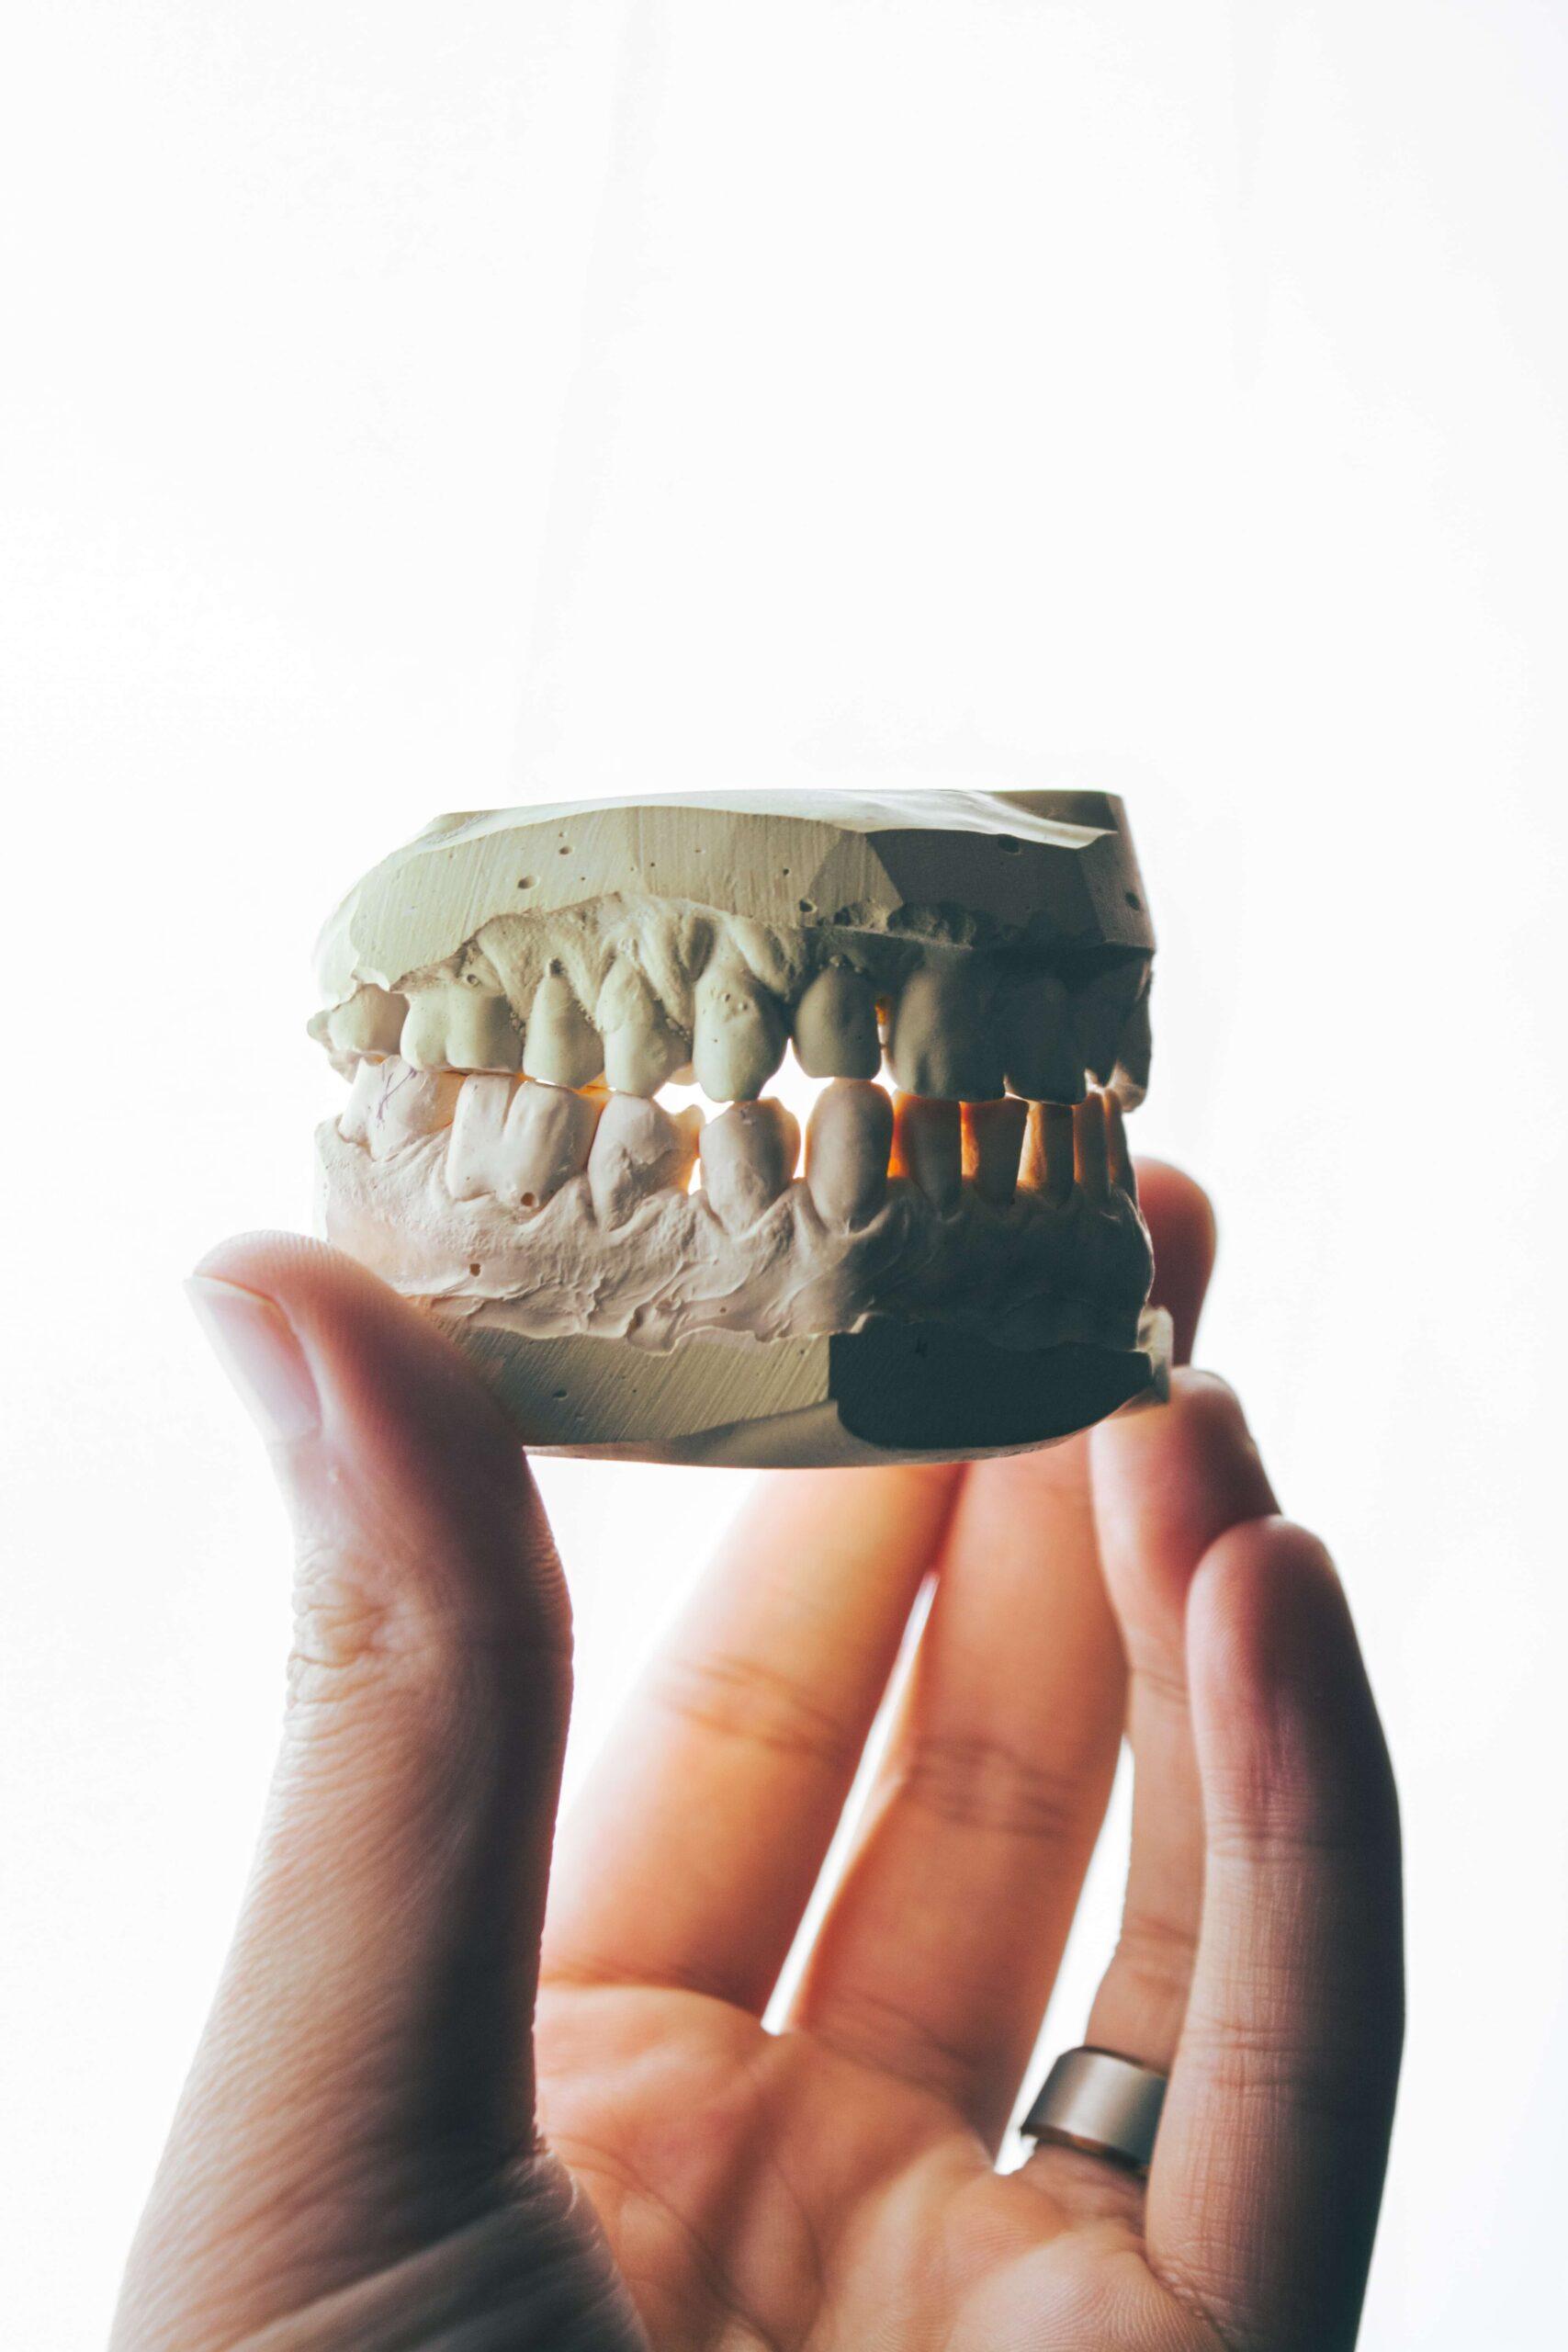 Jaki jest koszt implantów całej szczęki?